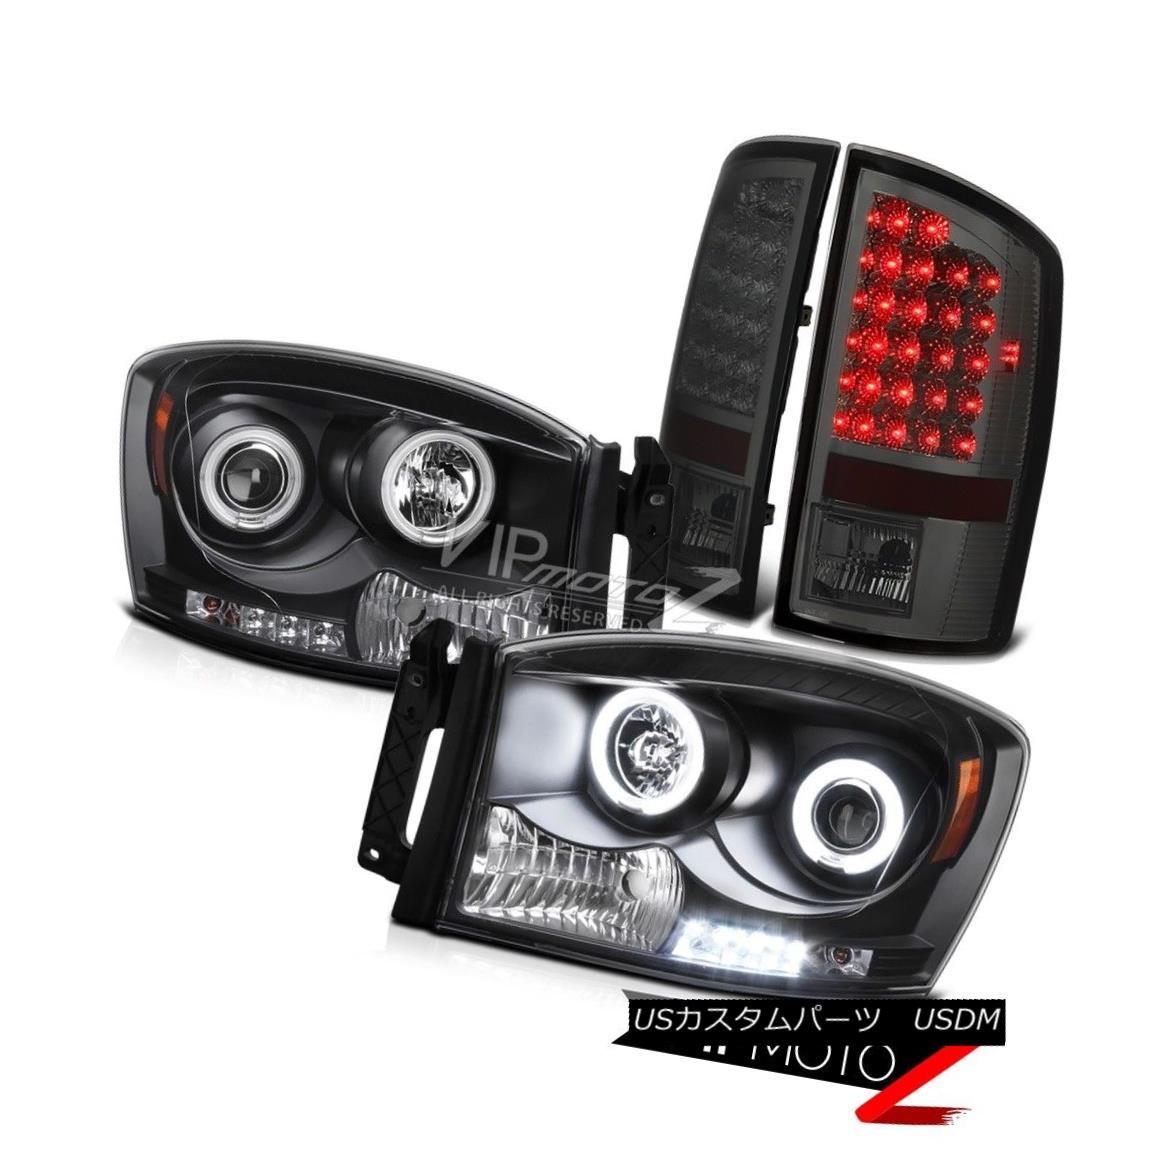 テールライト 07-08 Dodge RAM 1500/2500 Black CCFL Projector Halo Headlight+Smoke LED Taillamp 07-08ダッジRAM 1500/2500ブラックCCFLプロジェクターハローヘッドライト+スモーク e LEDタイルランプ